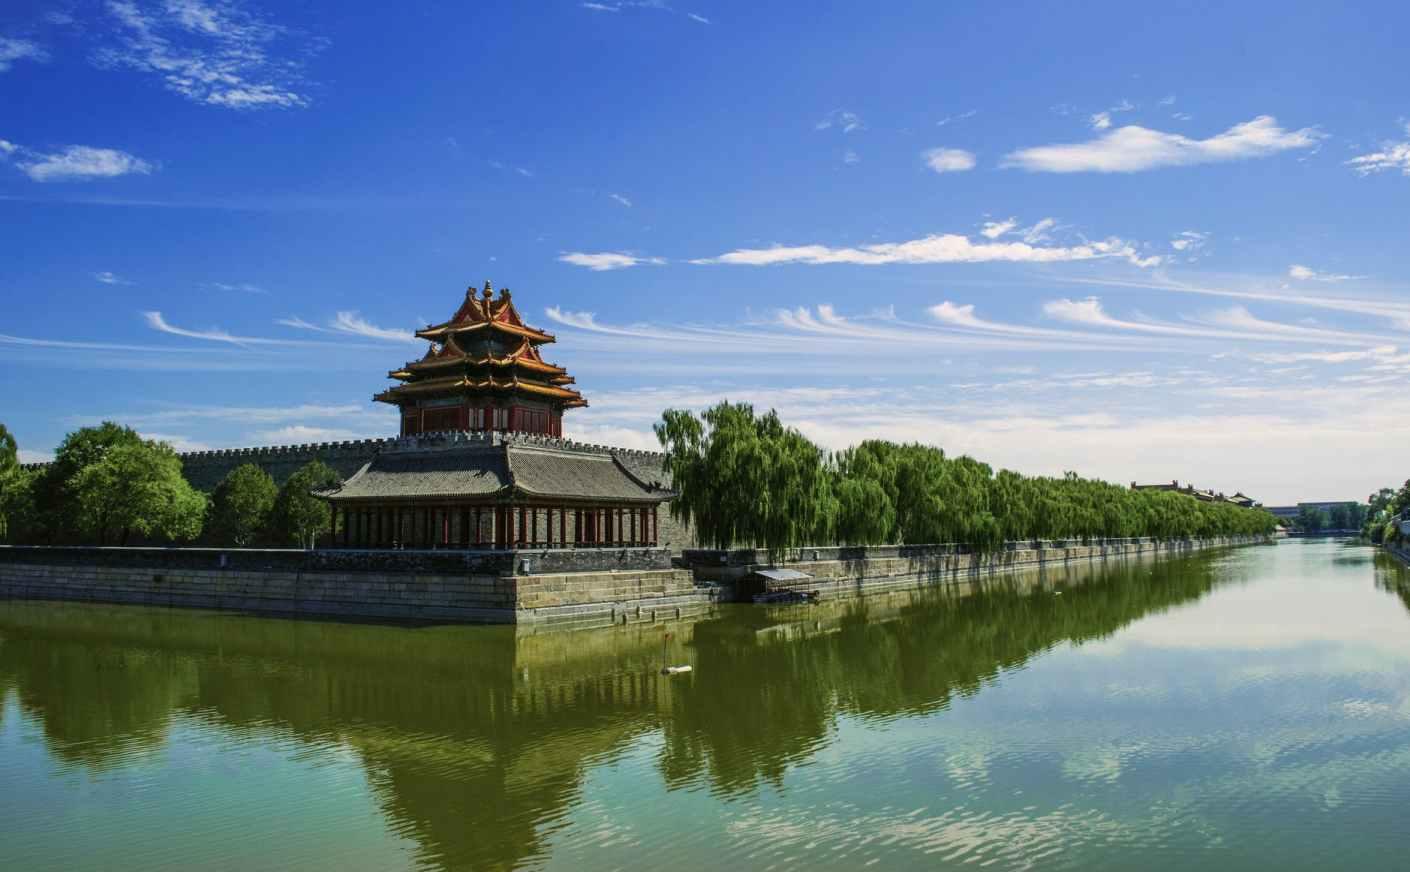 architecture asian building castle